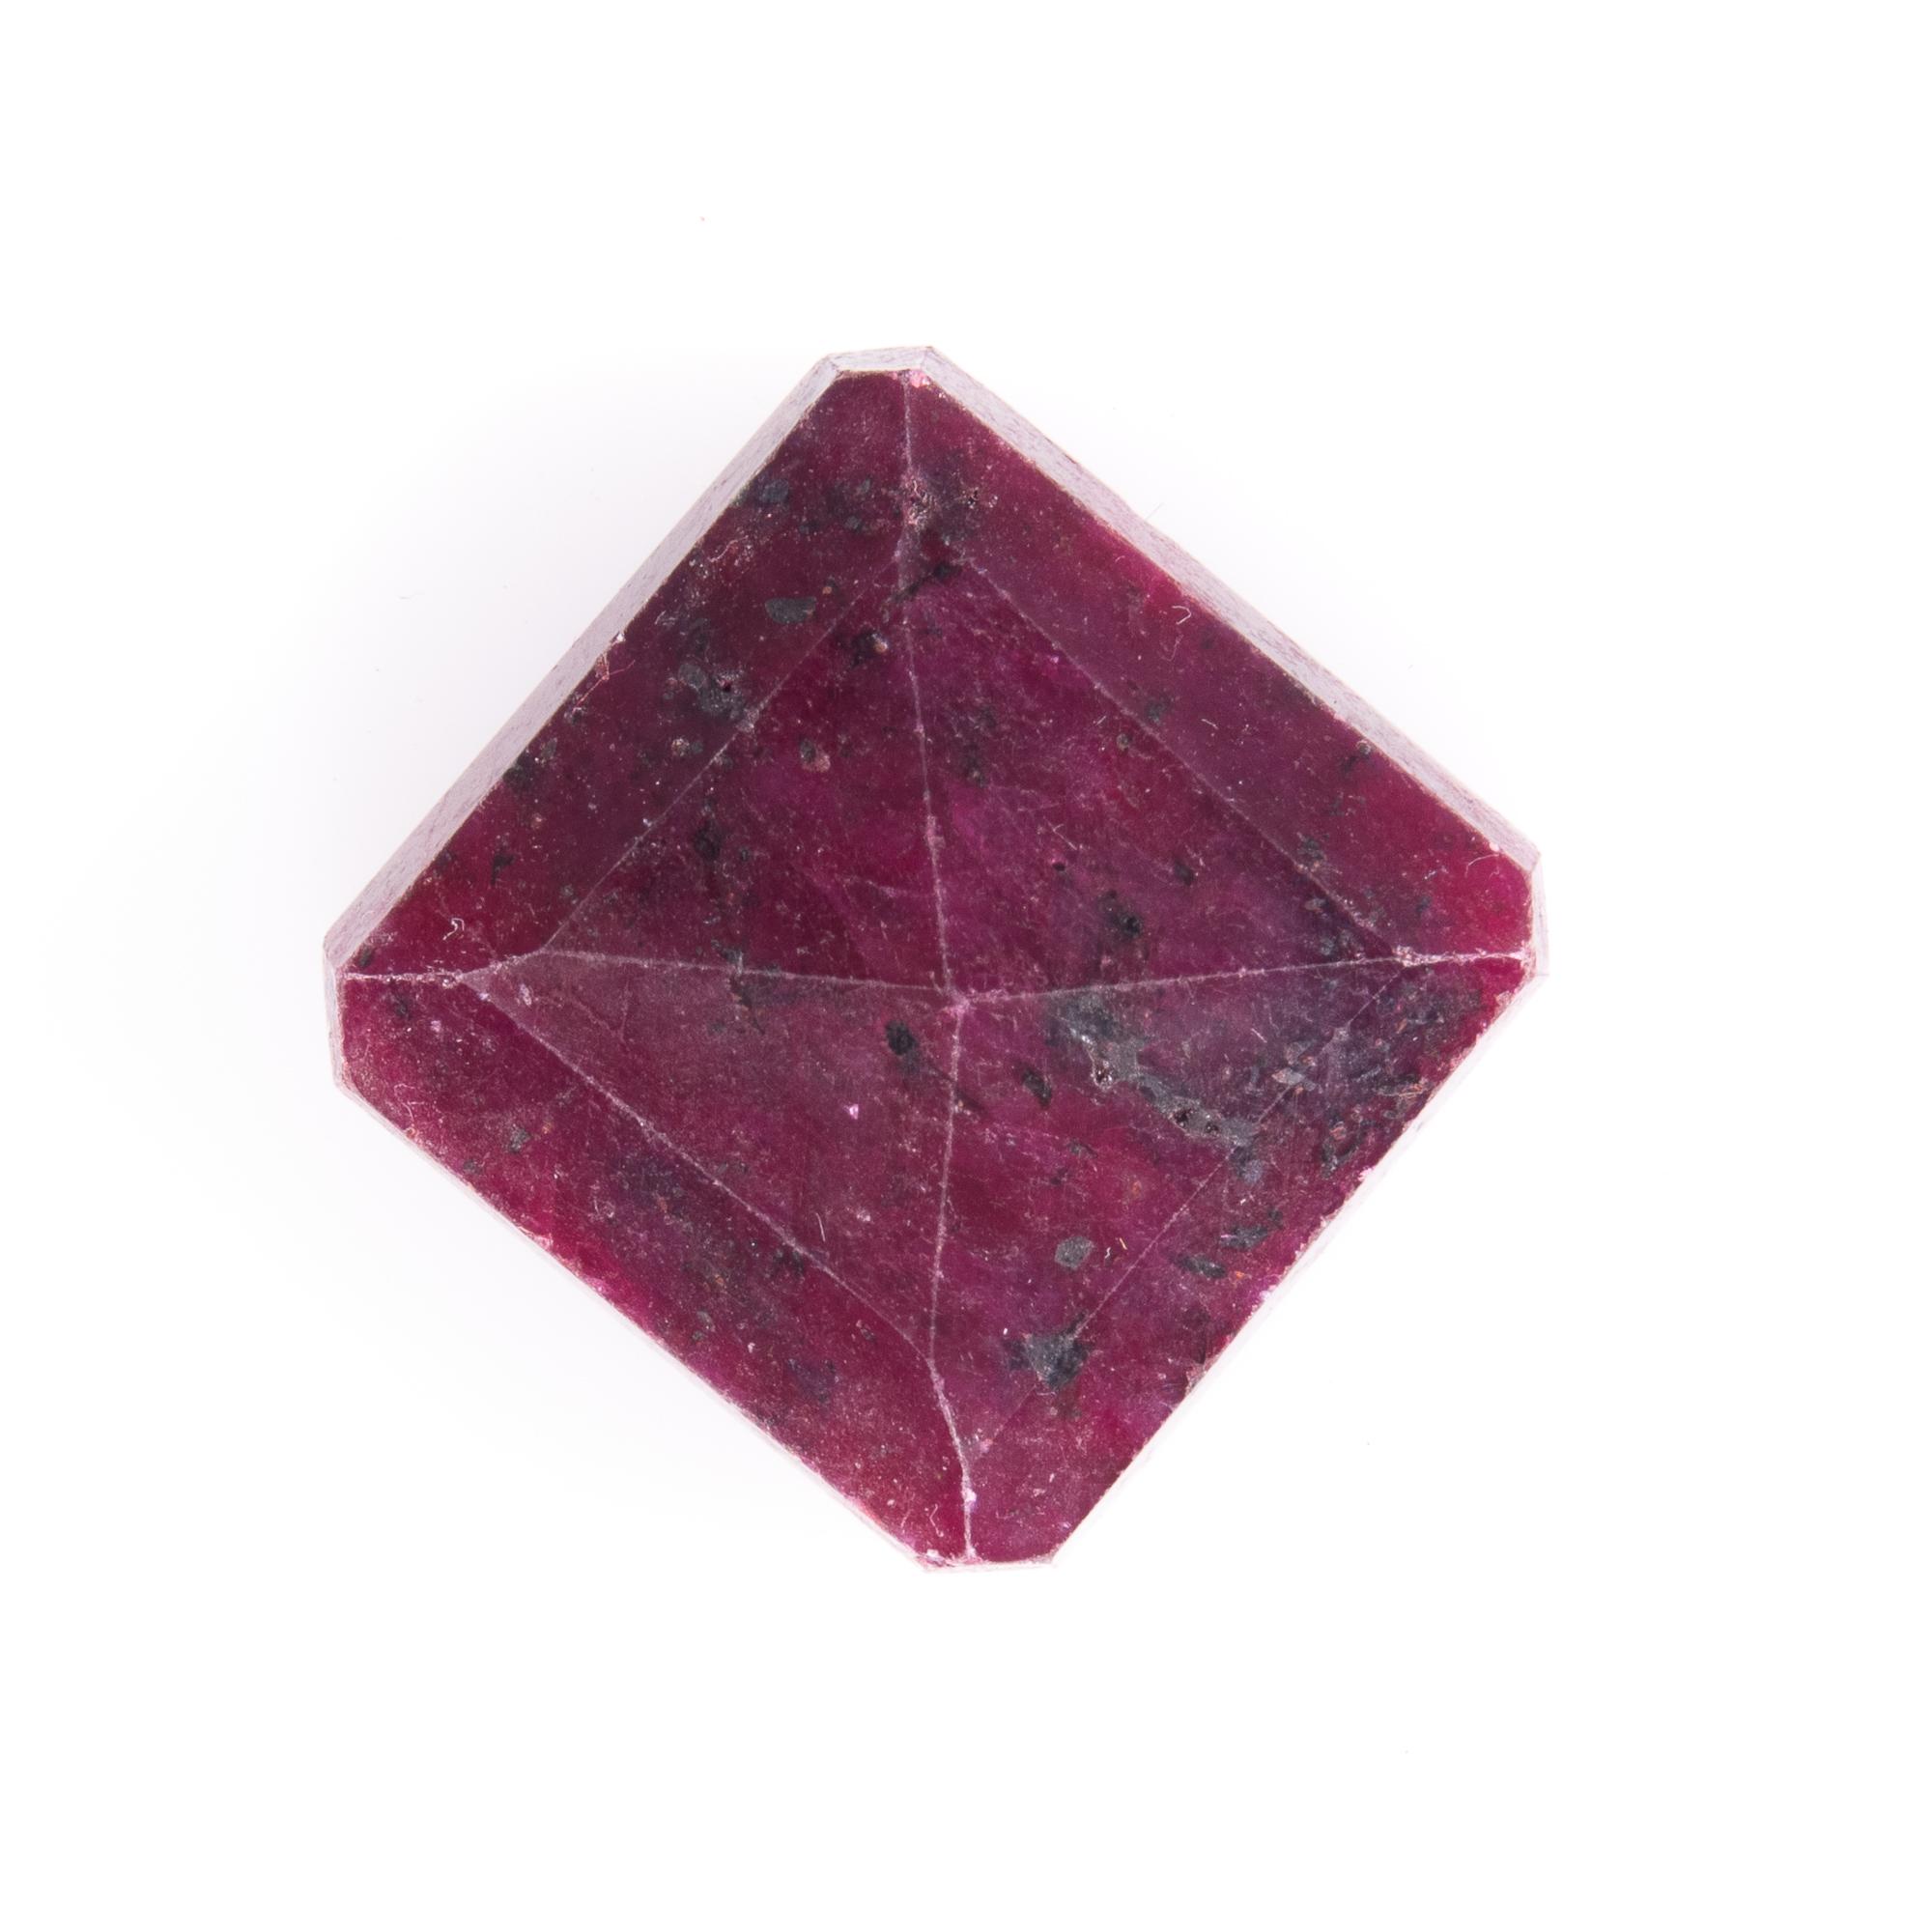 127ct Ruby Gemstone